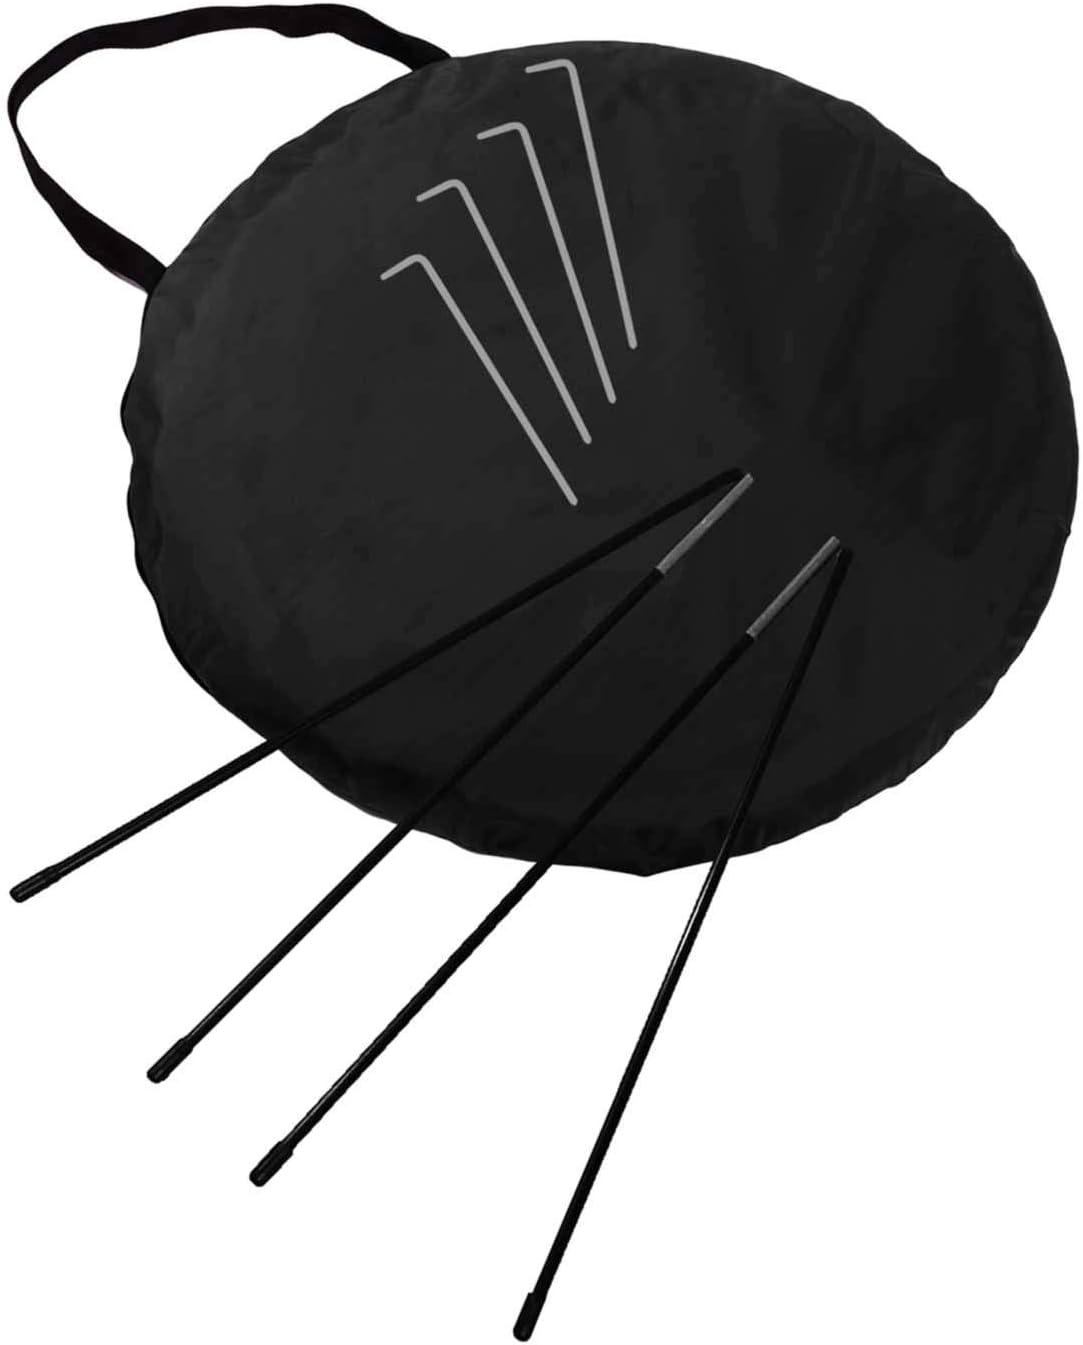 Style #DoYourOutdoor Fu/ßballtor//Torwand in der Gr/ö/ße 120x85x85cm inkl Erh/ältlich in Schwarz Rot /& Deutschland Tragetasche//verst/ärkter Rahmen f/ür hohe Stabilit/ät